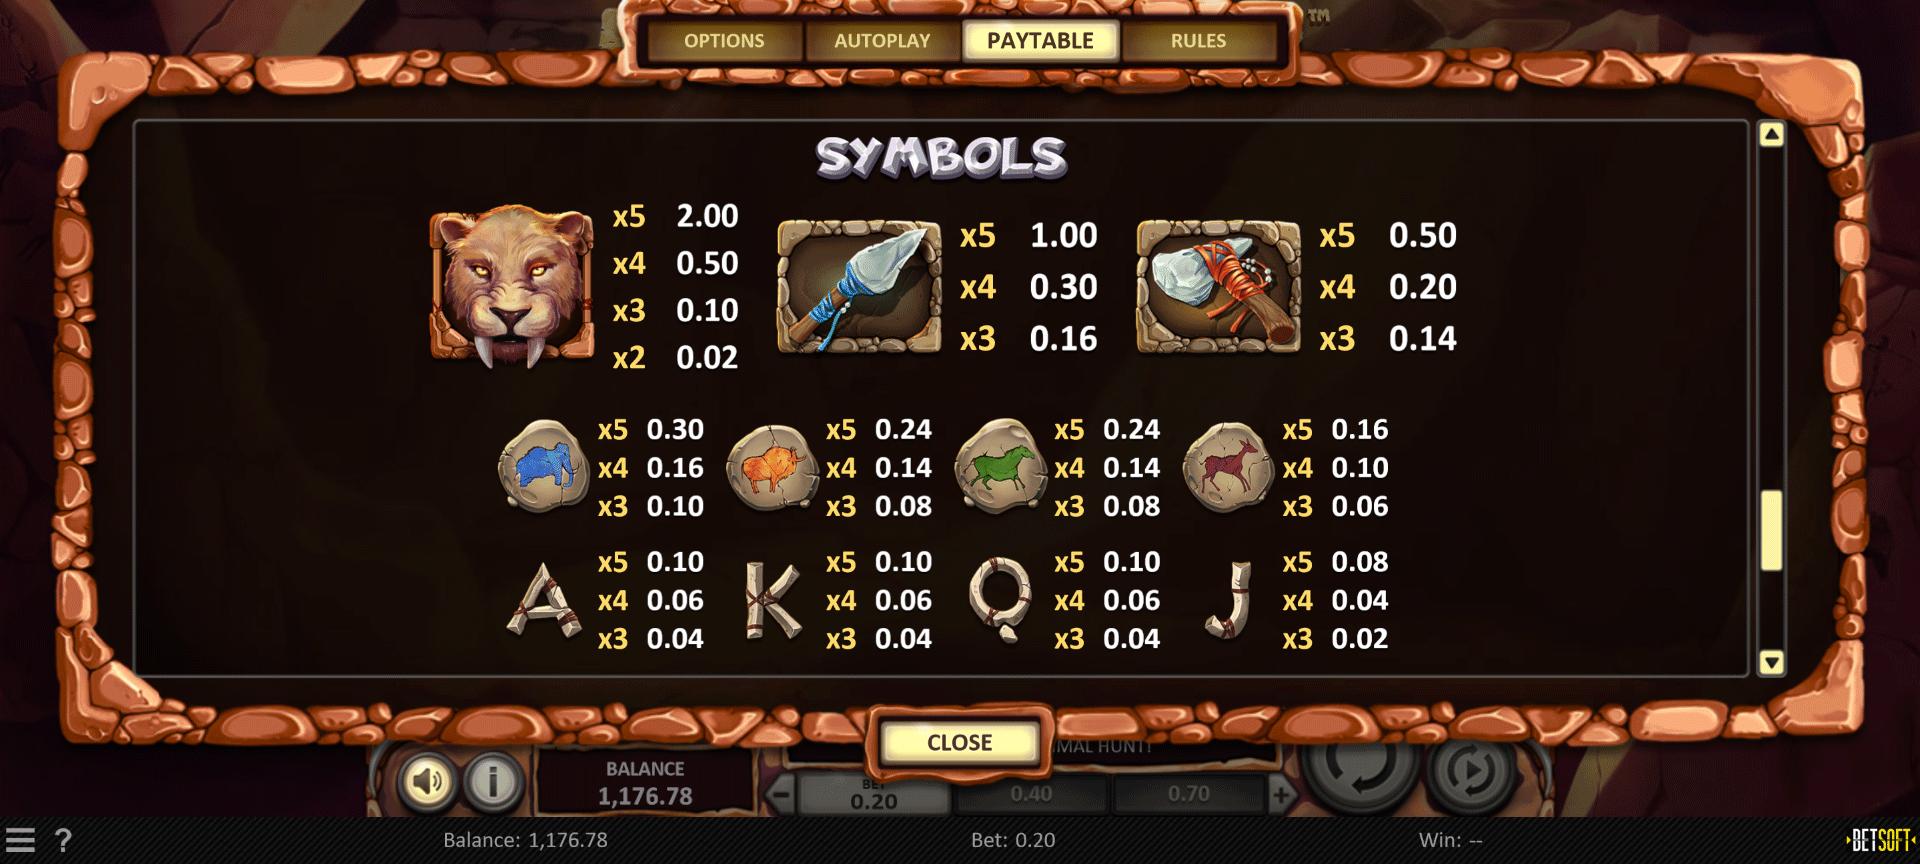 paytable della slot machine primal hunt